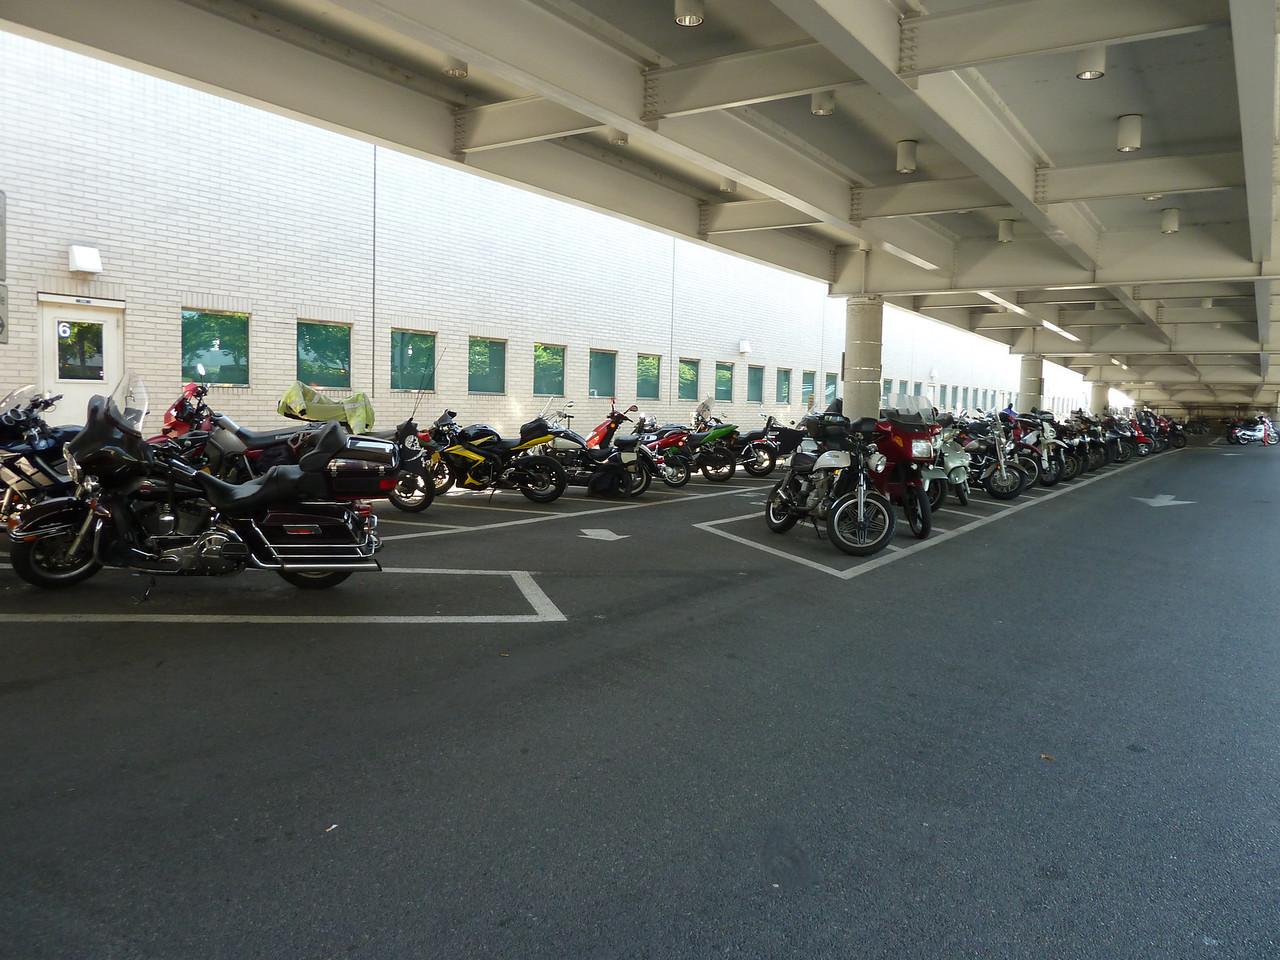 55 bikes.